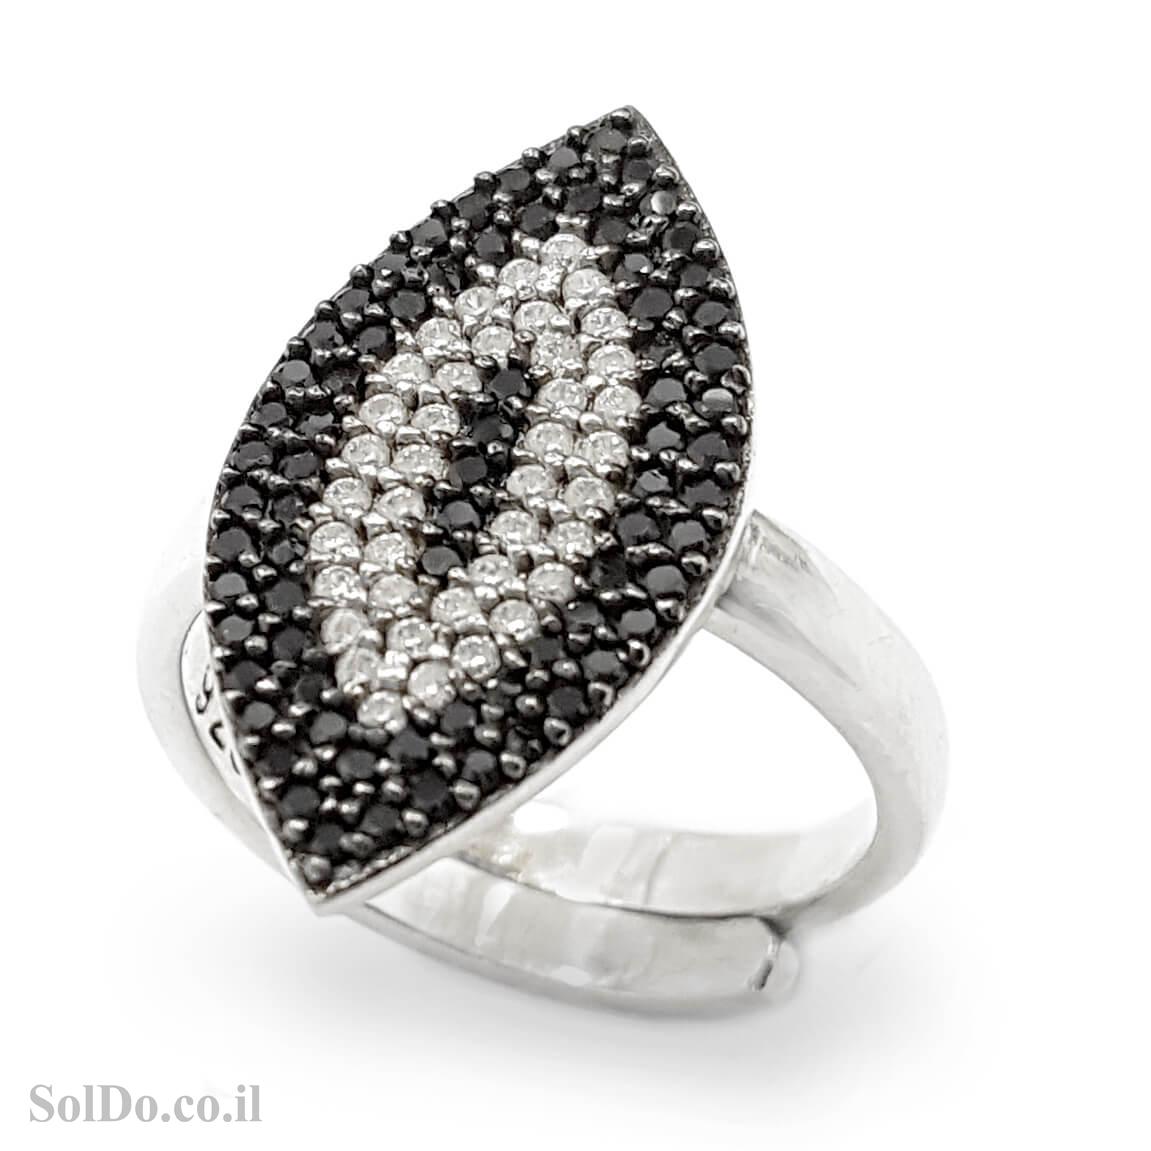 טבעת מכסף משובצת אבני זרקון שחורות ולבנות RG1611 | תכשיטי כסף | טבעות כסף